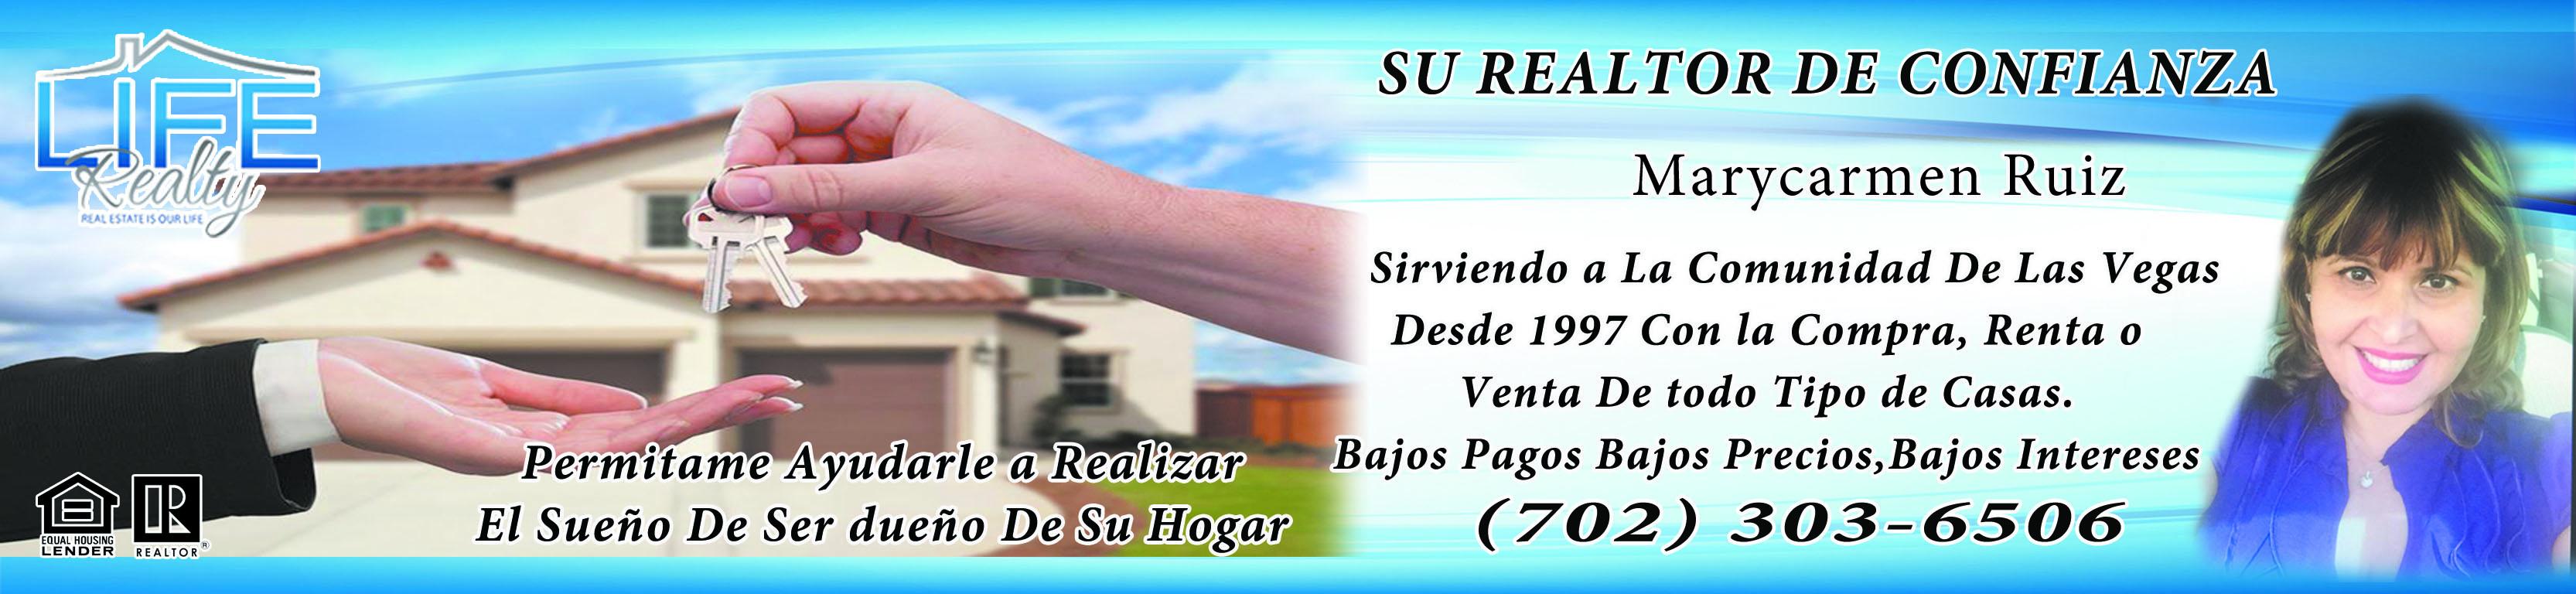 http://www.solo-ofertas-usa.com/wp-content/uploads/2012/02/life-realty-banner-calendario.jpg